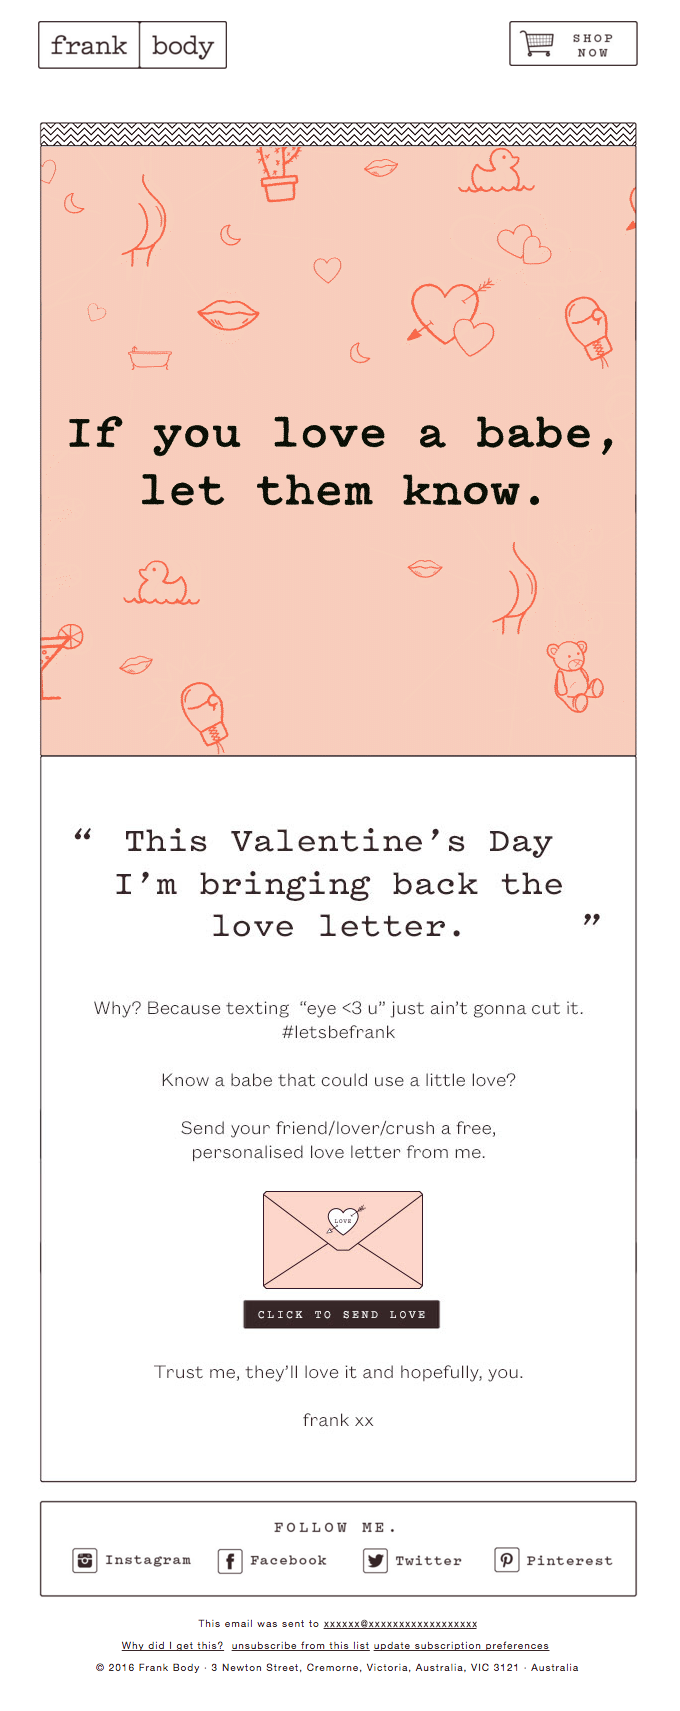 Frank Body - Valentines Day